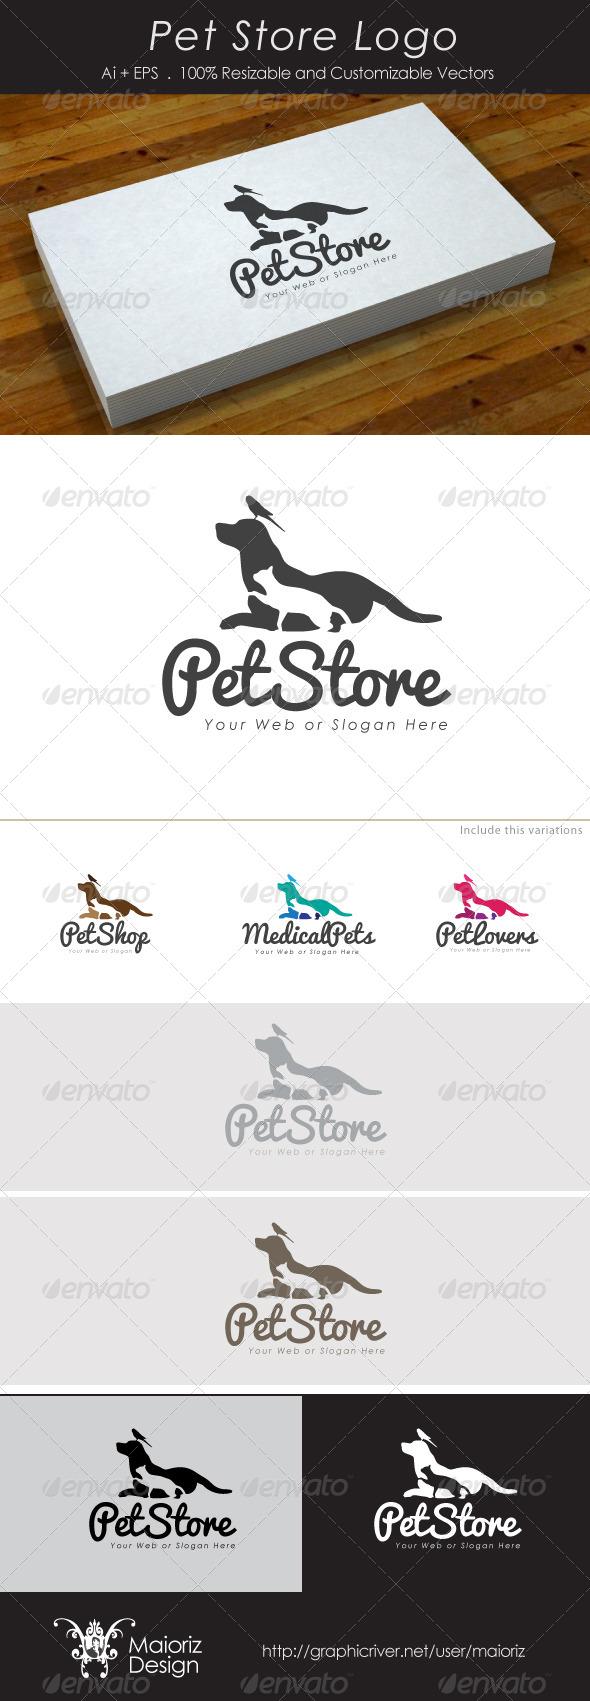 GraphicRiver Pet Store Logo 4118109